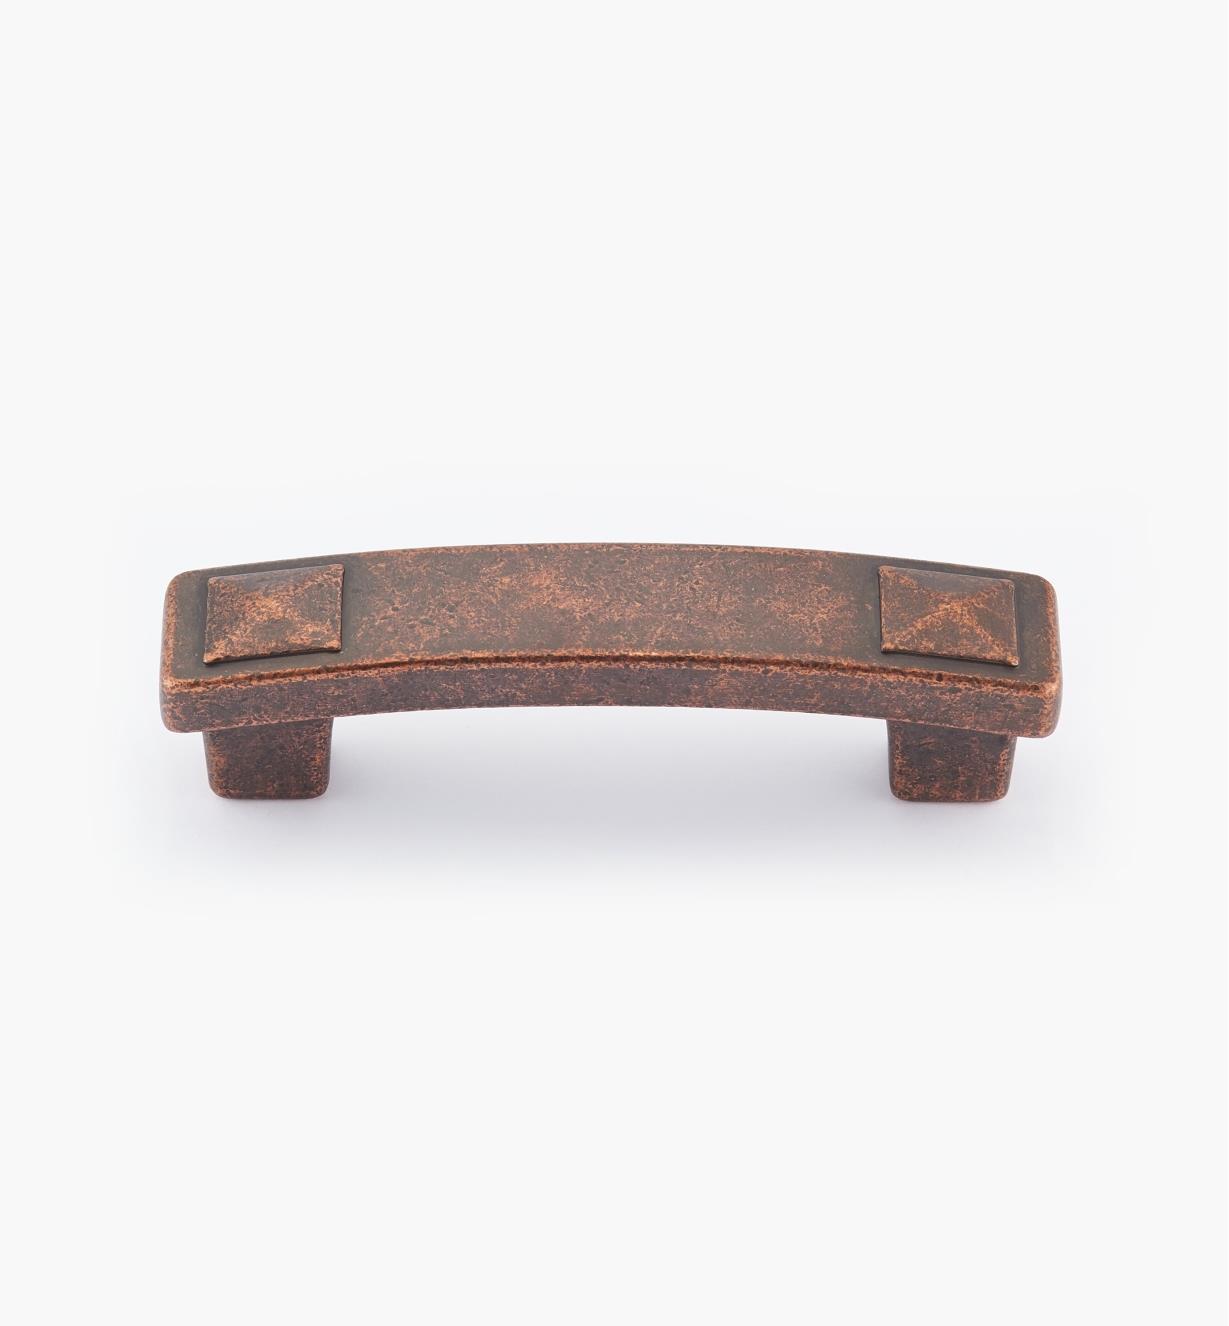 02A0975 - Poignée rectangulaire Forgings, fini bronze cuivré, 4 po